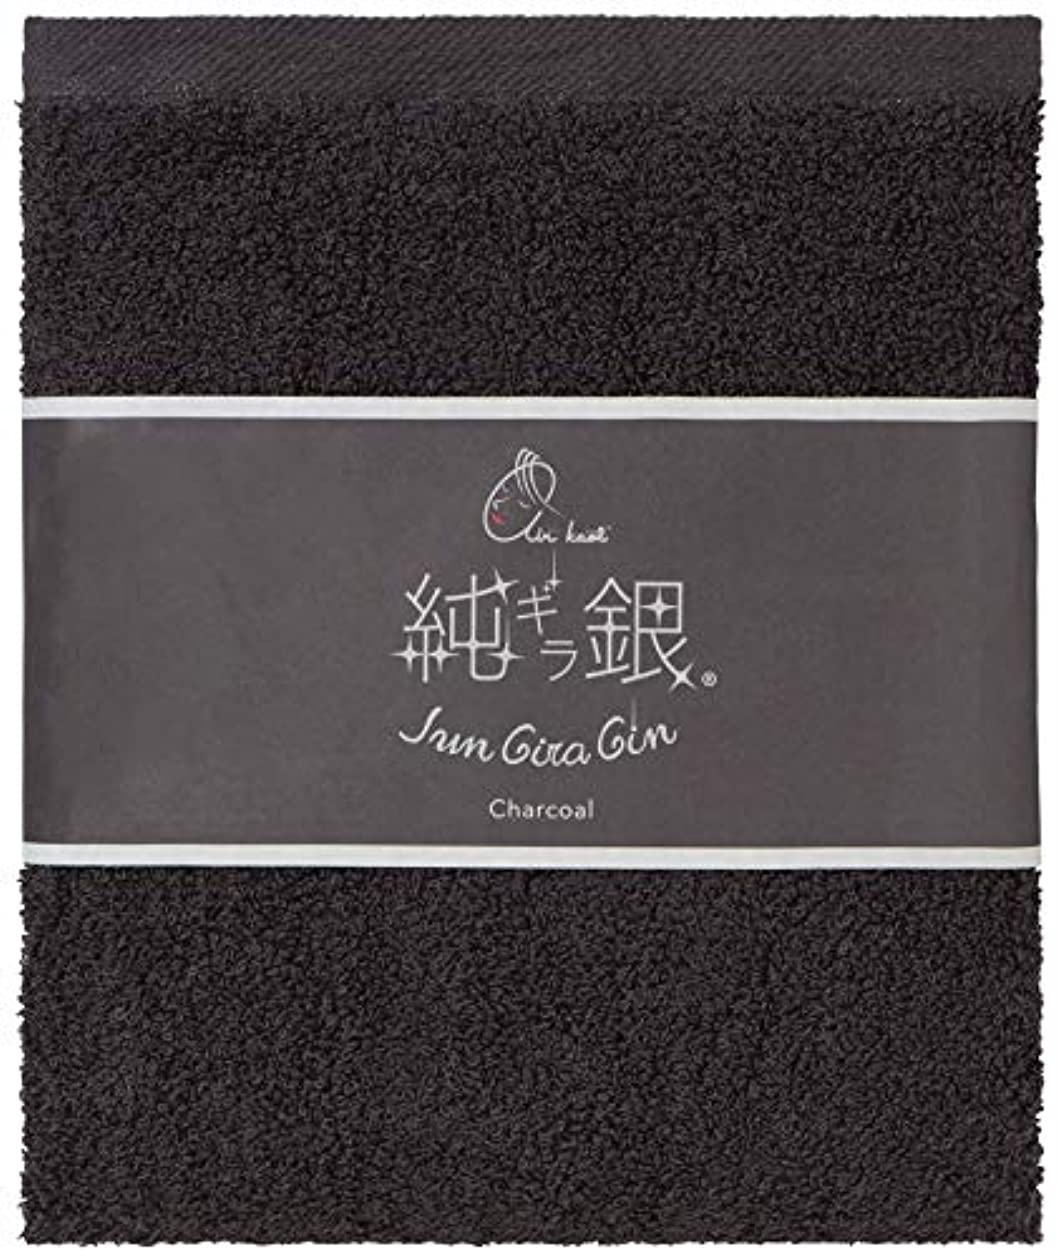 アクチュエータ静けさケージ浅野撚糸 バスタオル チャコール 約60×100cm エアーかおる純ギラ銀 日本製